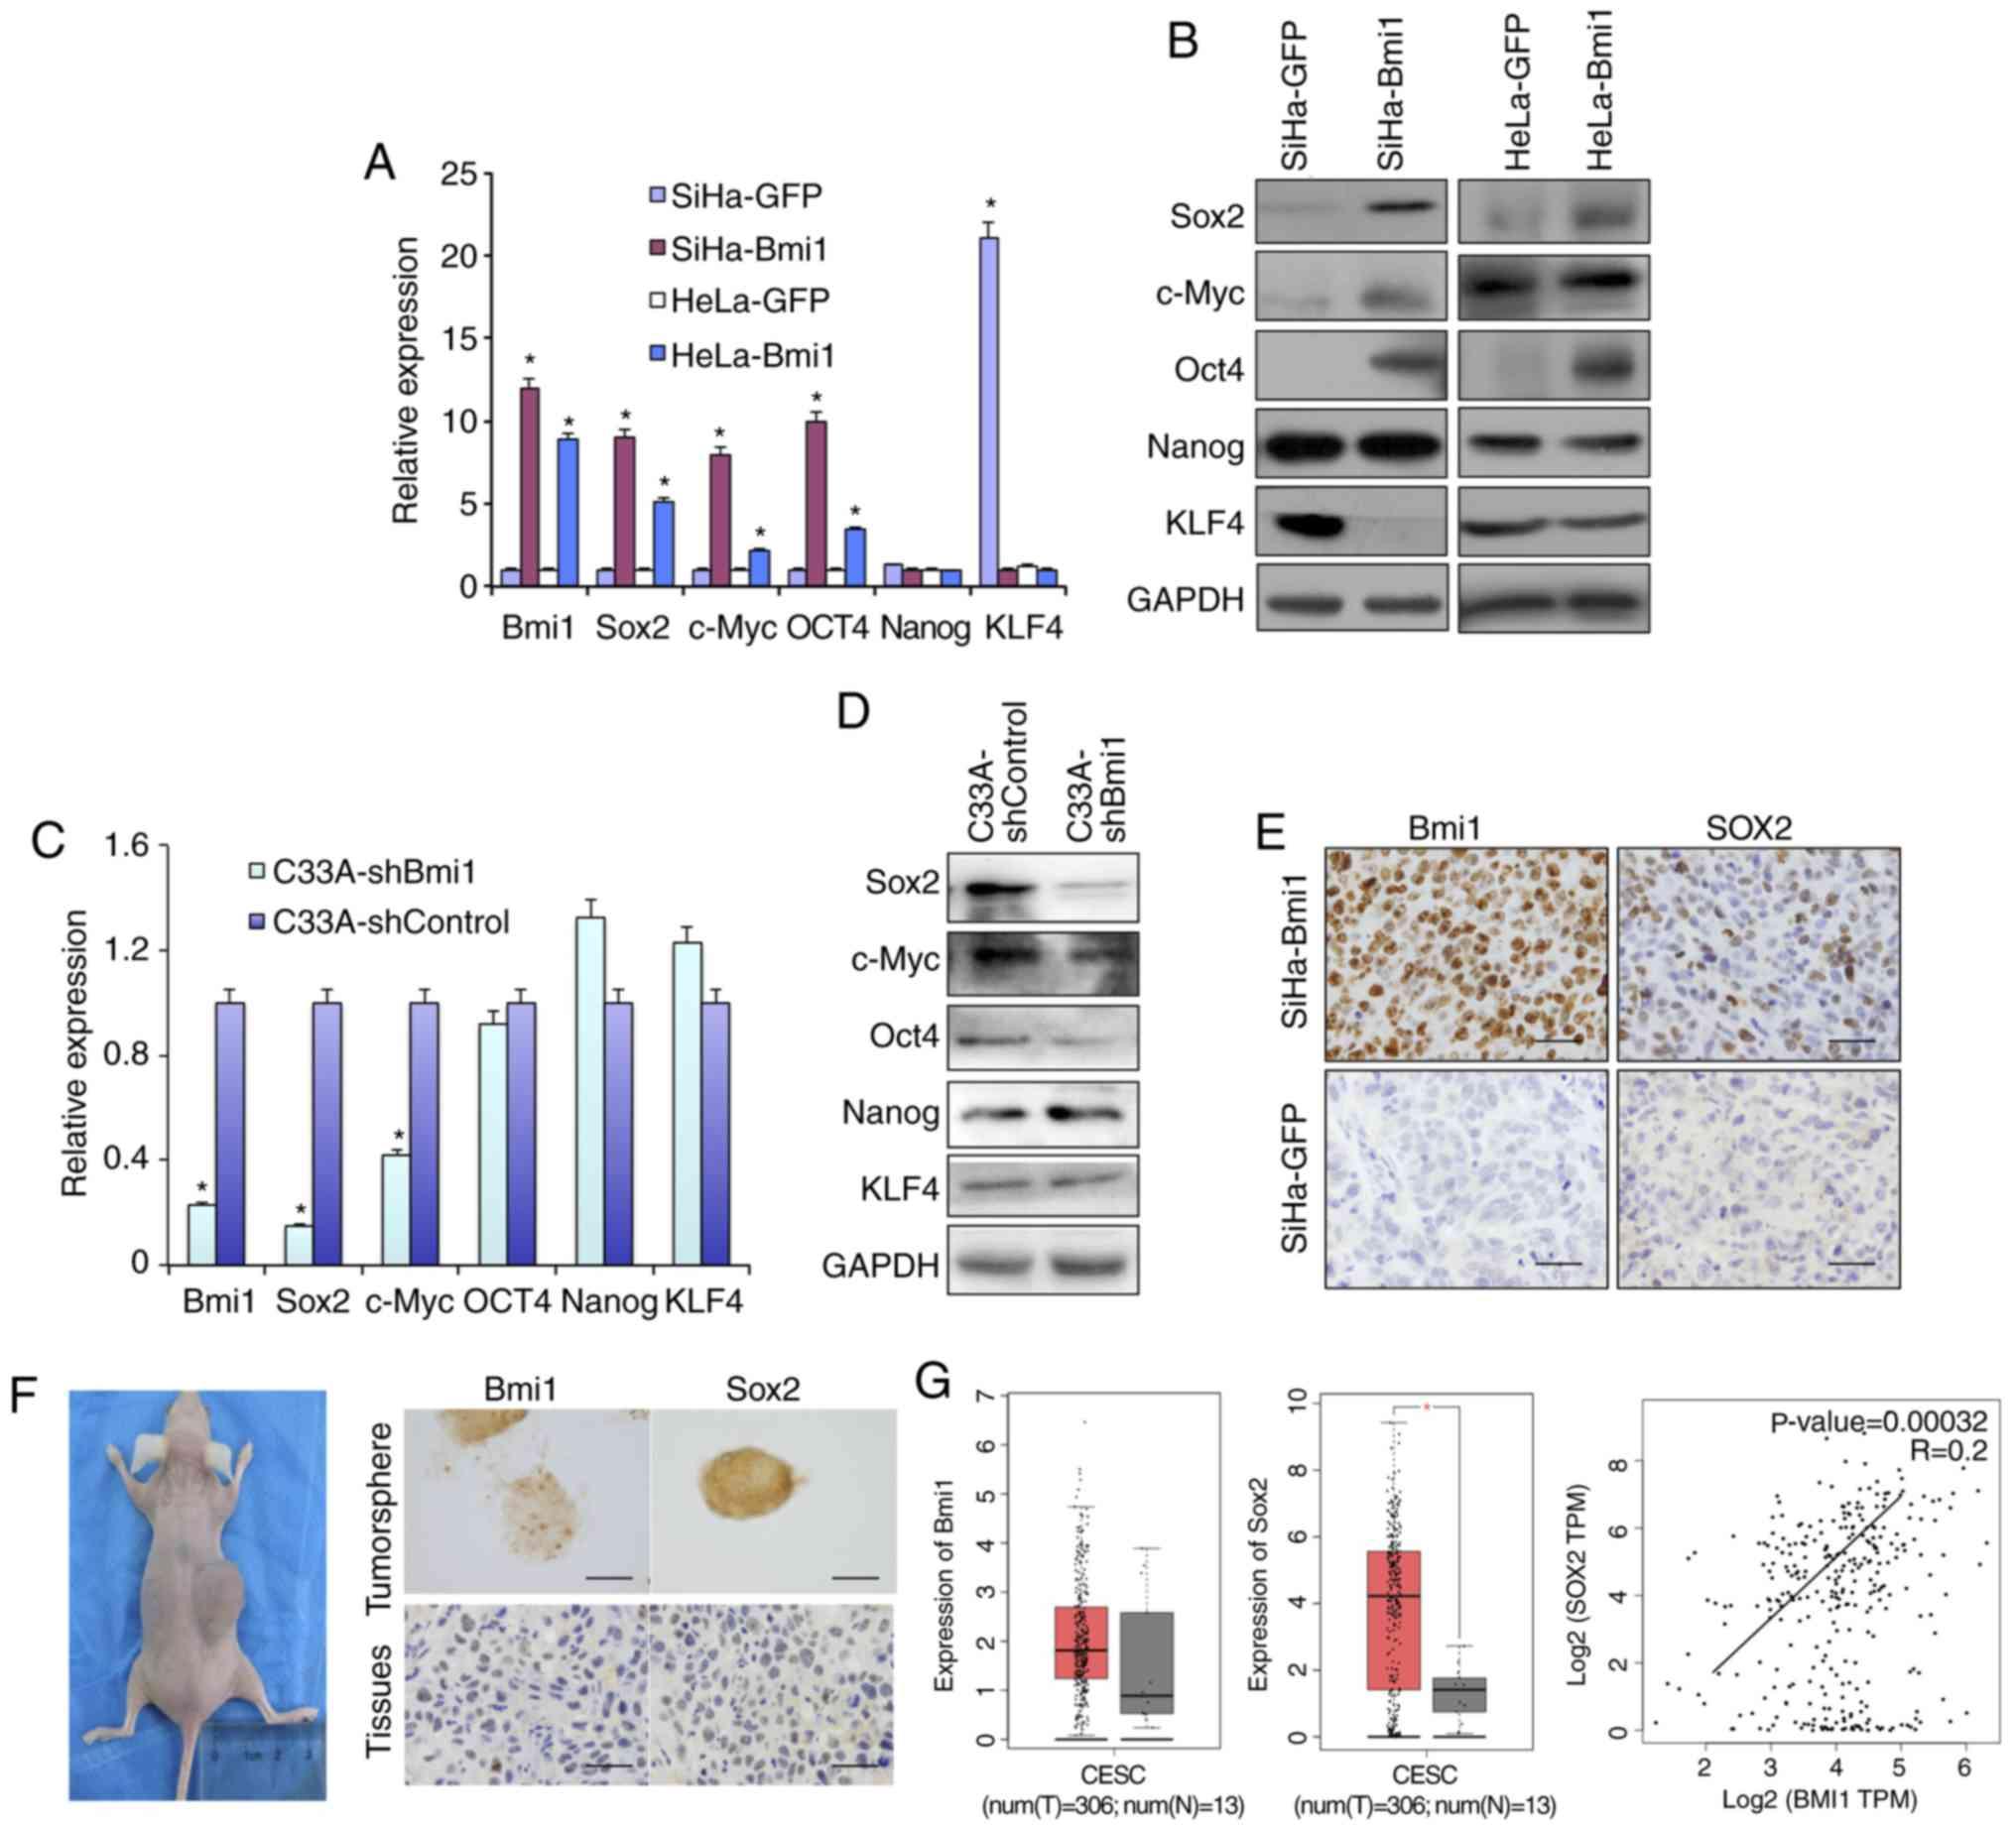 Aberrantly elevated Bmi1 promotes cervical cancer